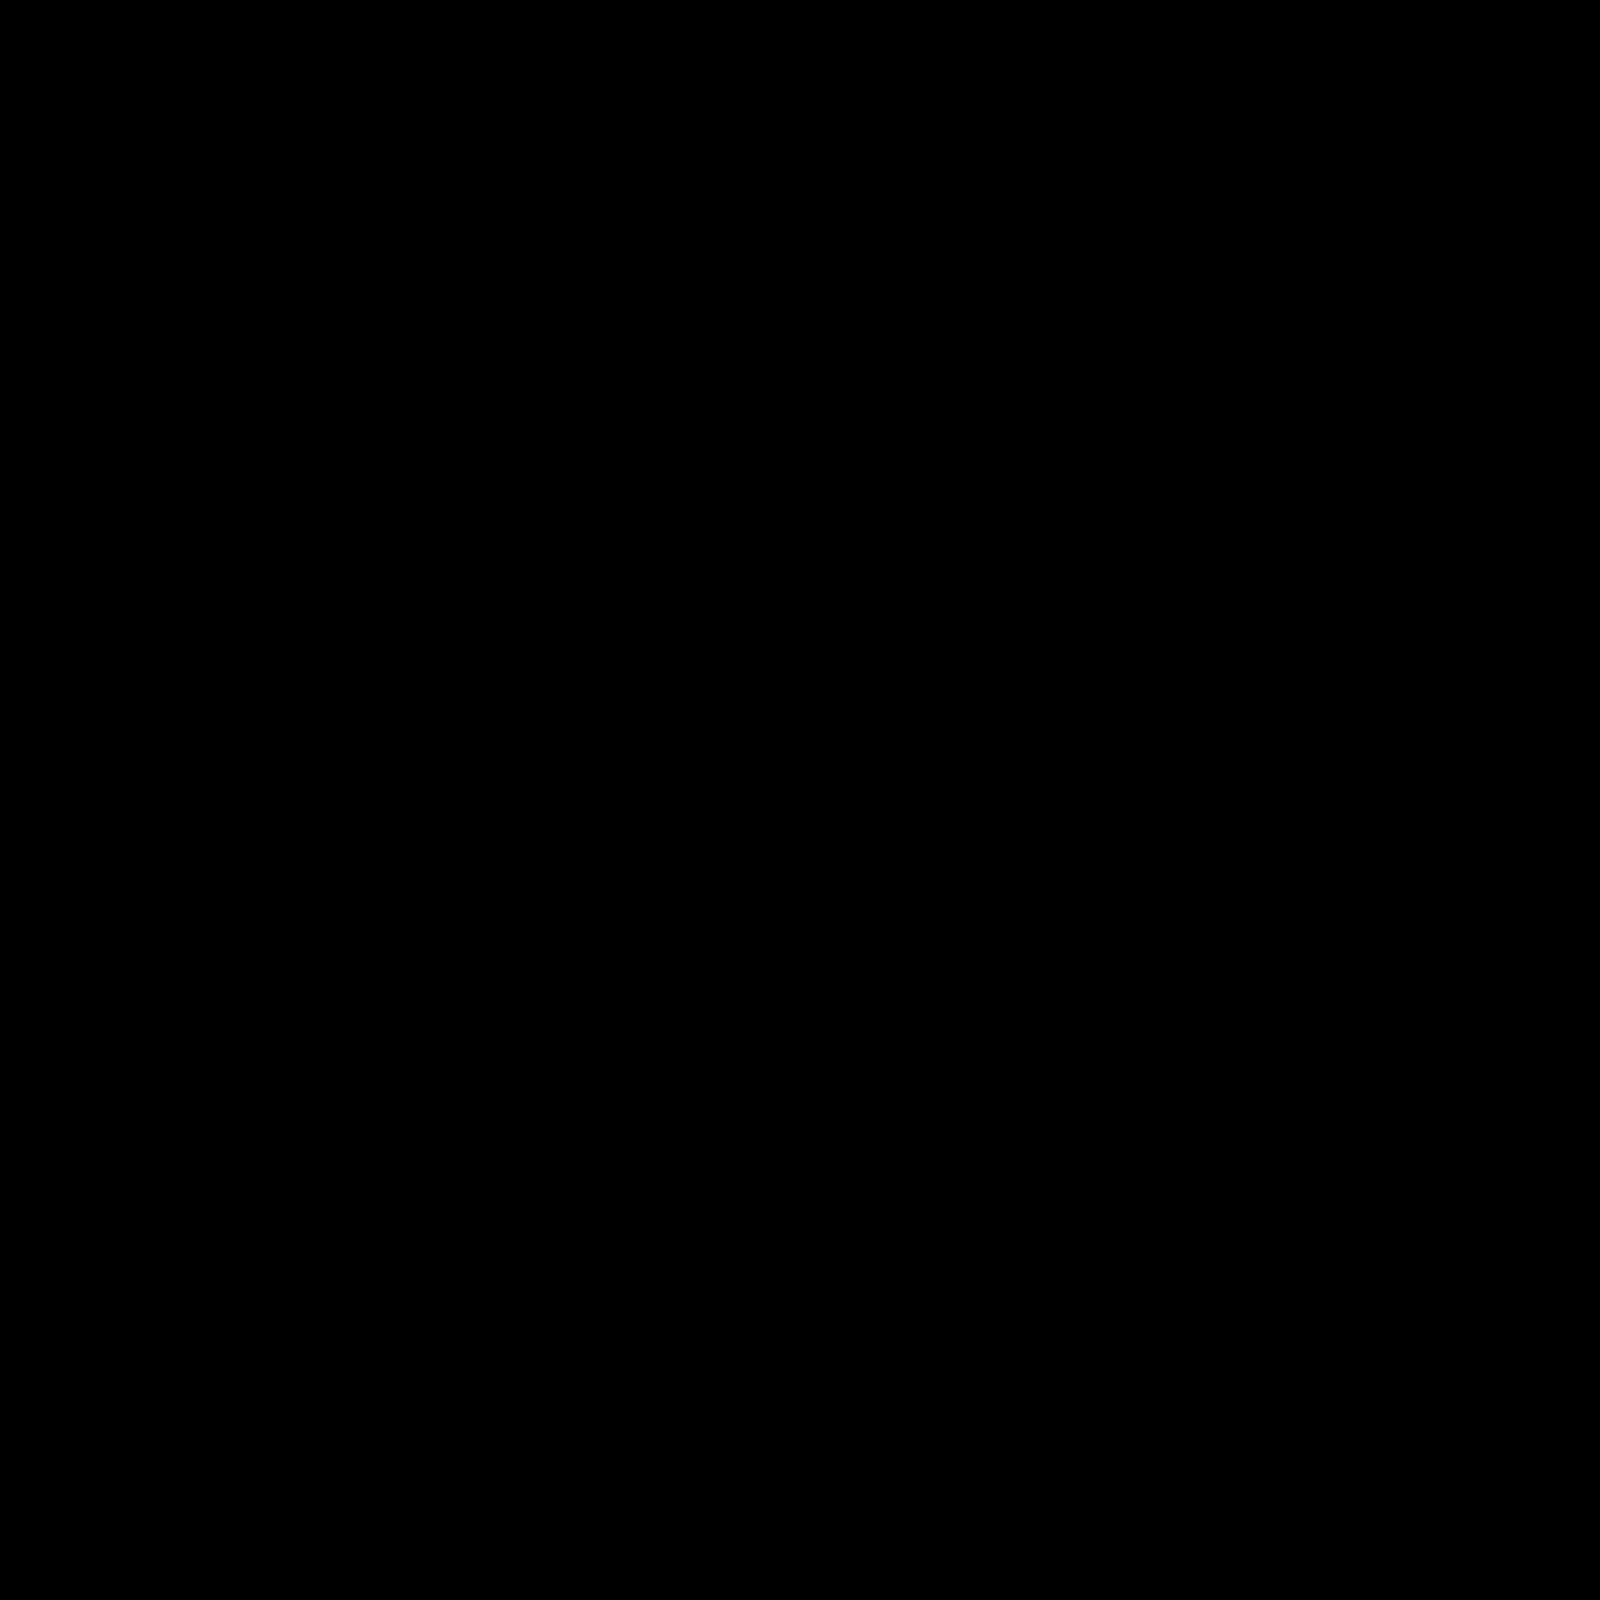 Zip Code icon - Zip Code PNG